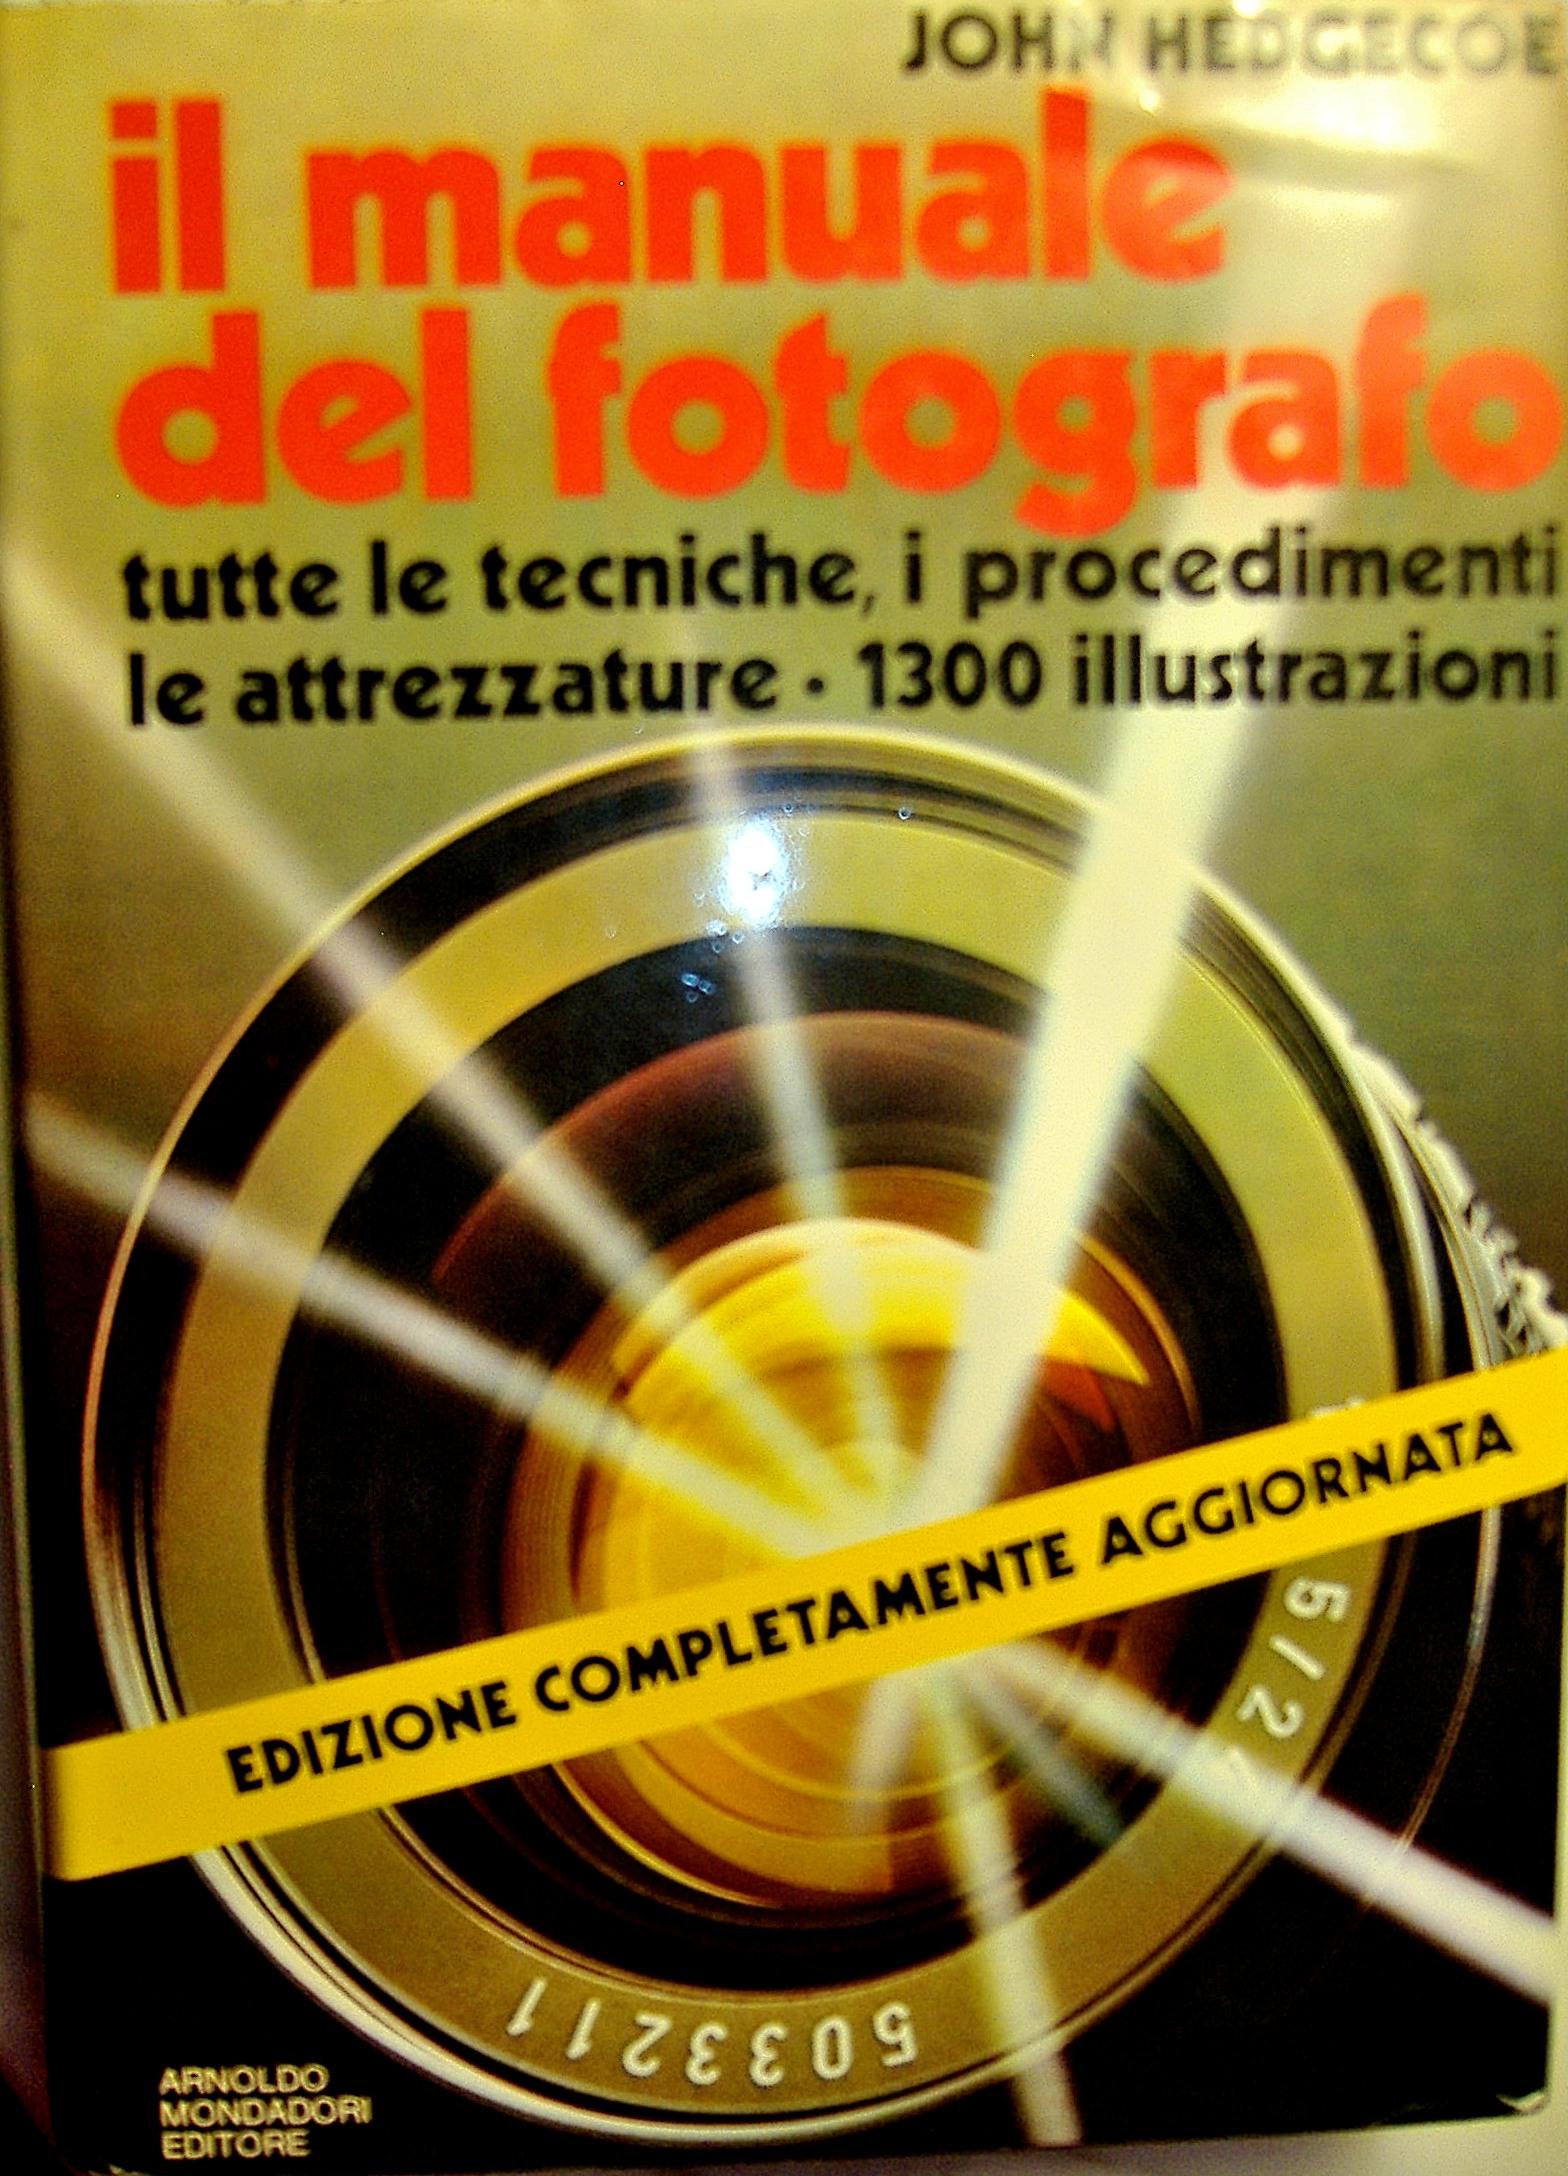 Il manuale del fotografo